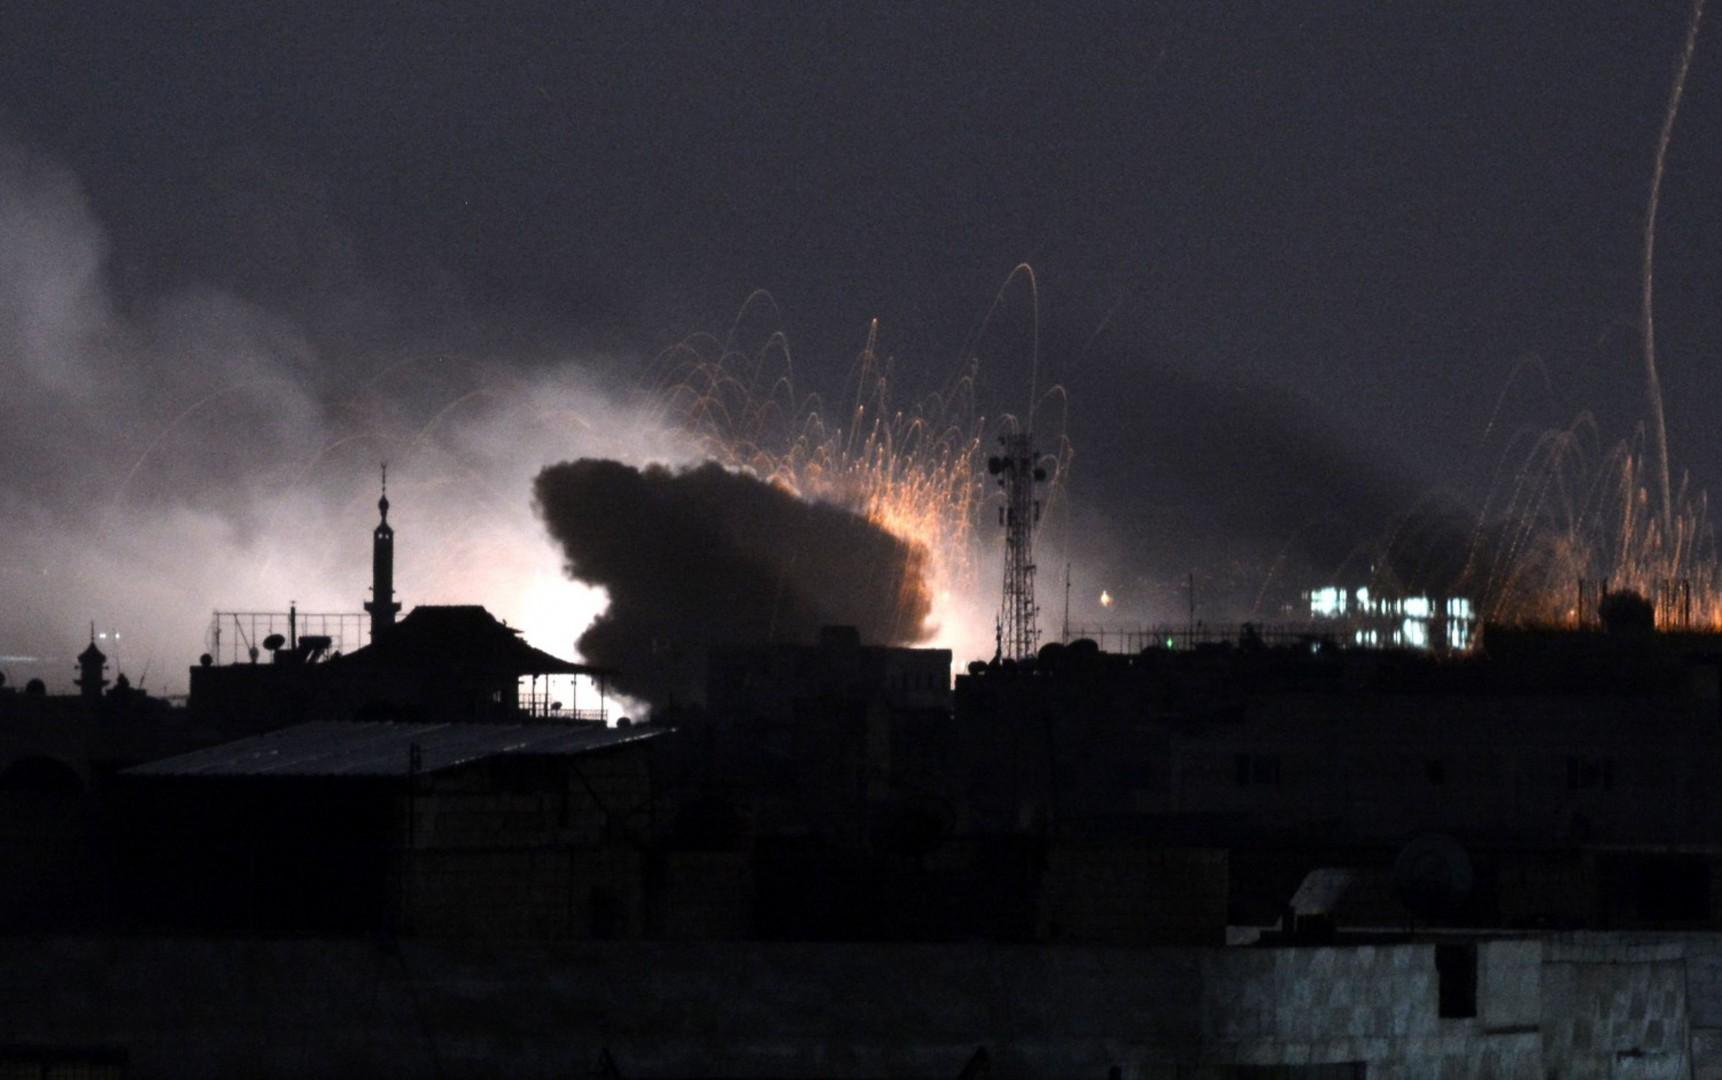 Un raid governativo sul campo profughi di Yarmouk